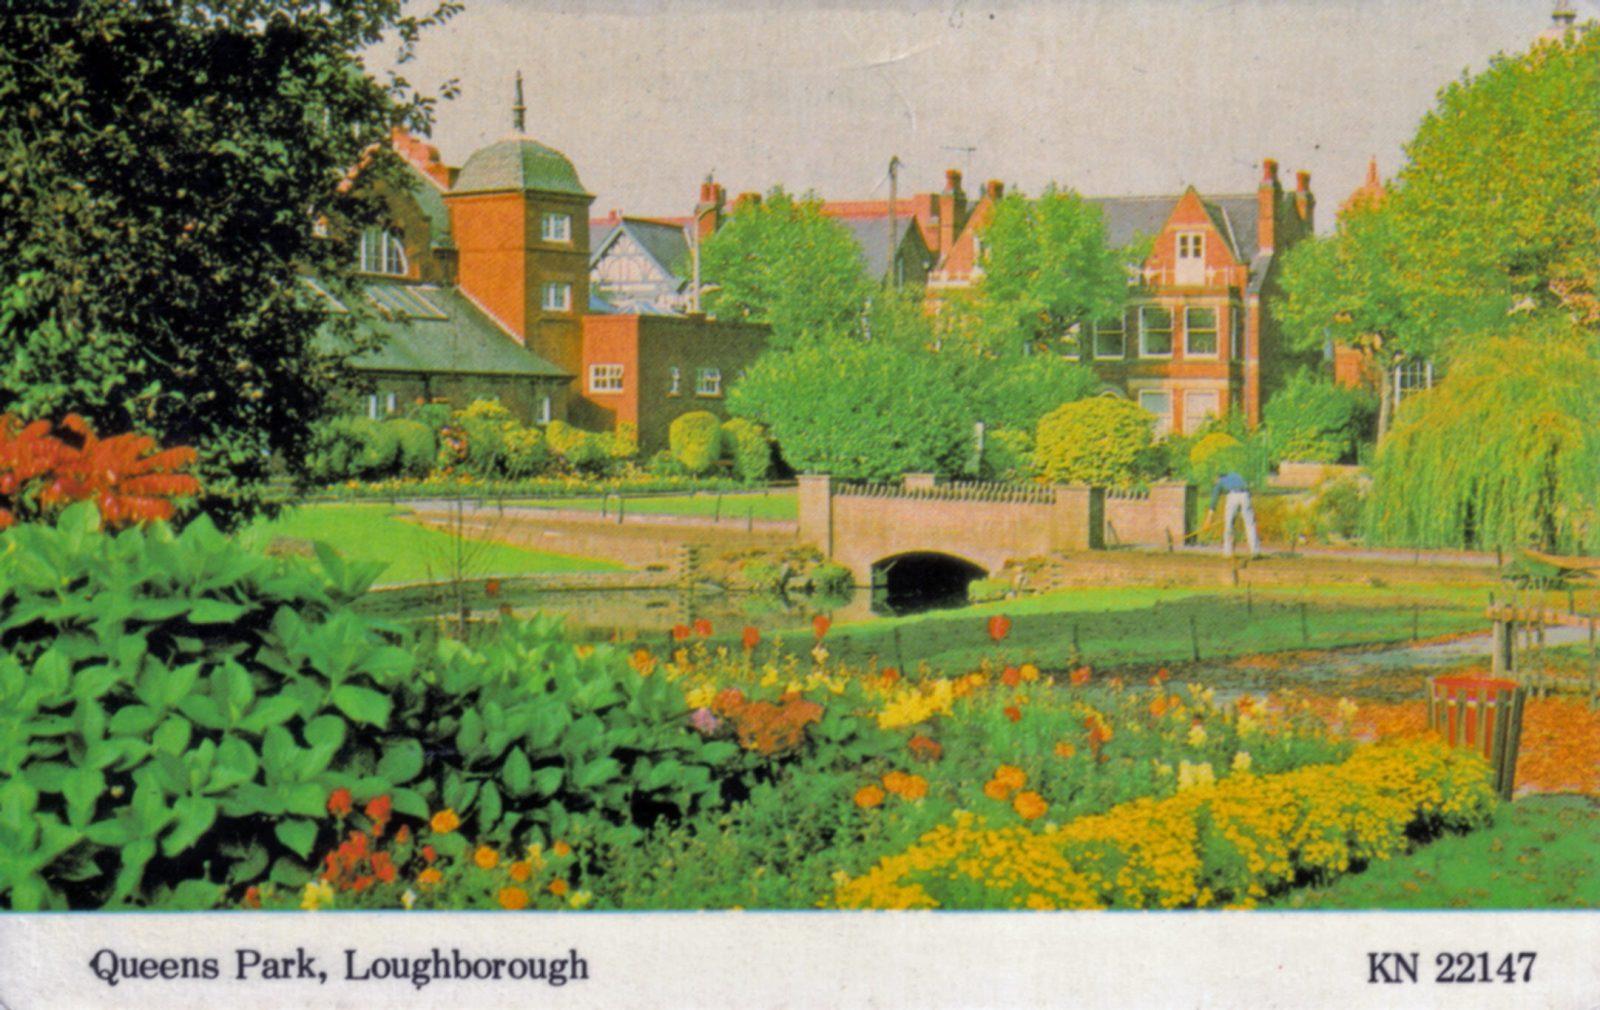 Queens Park, Loughborough. 1941-1960: Bridge and stream in park. (File:1257)